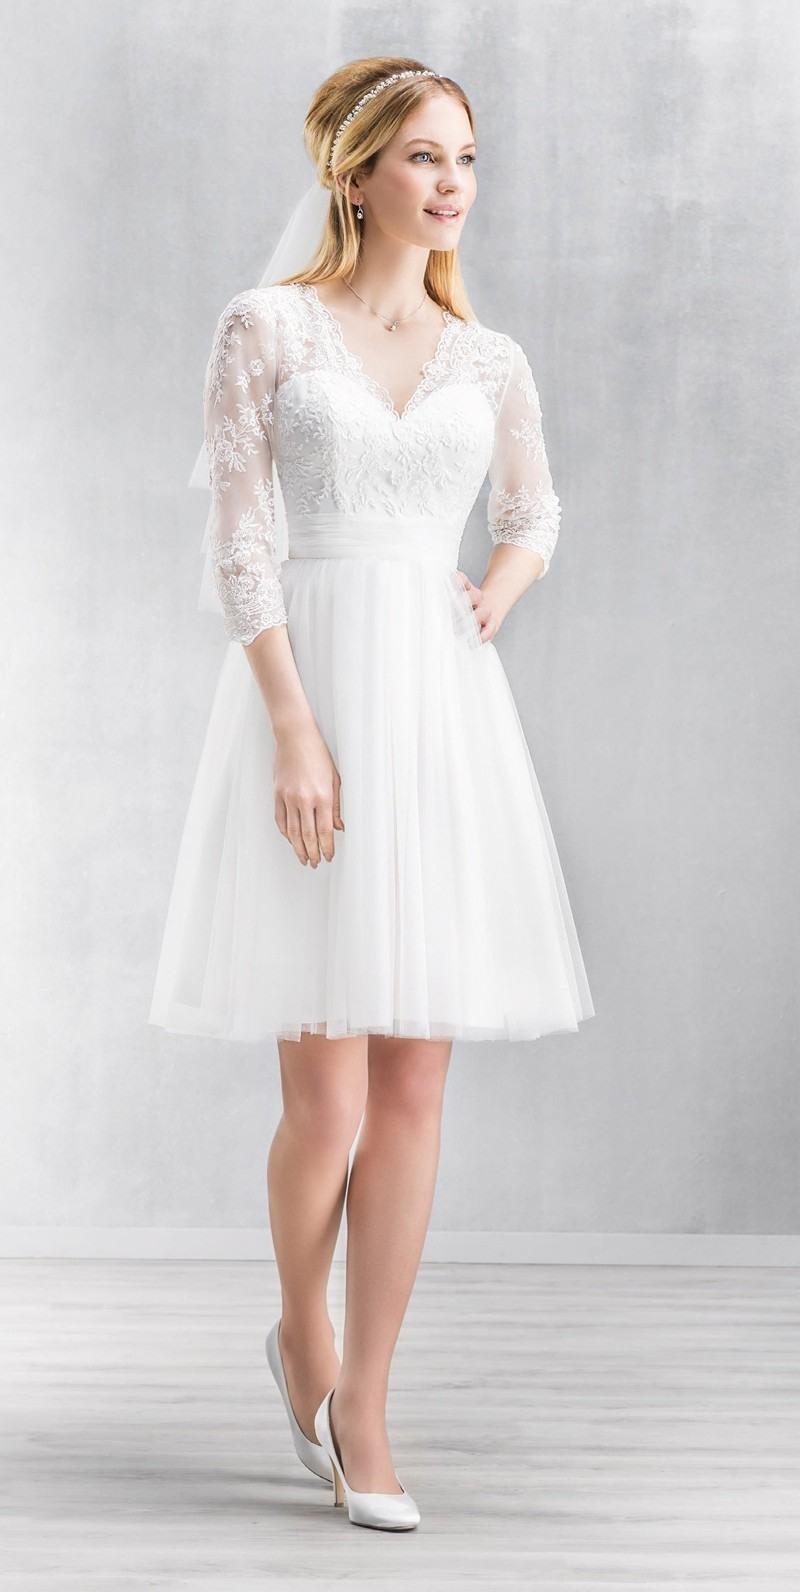 Formal Elegant Brautkleid Shop Boutique Einfach Brautkleid Shop Spezialgebiet